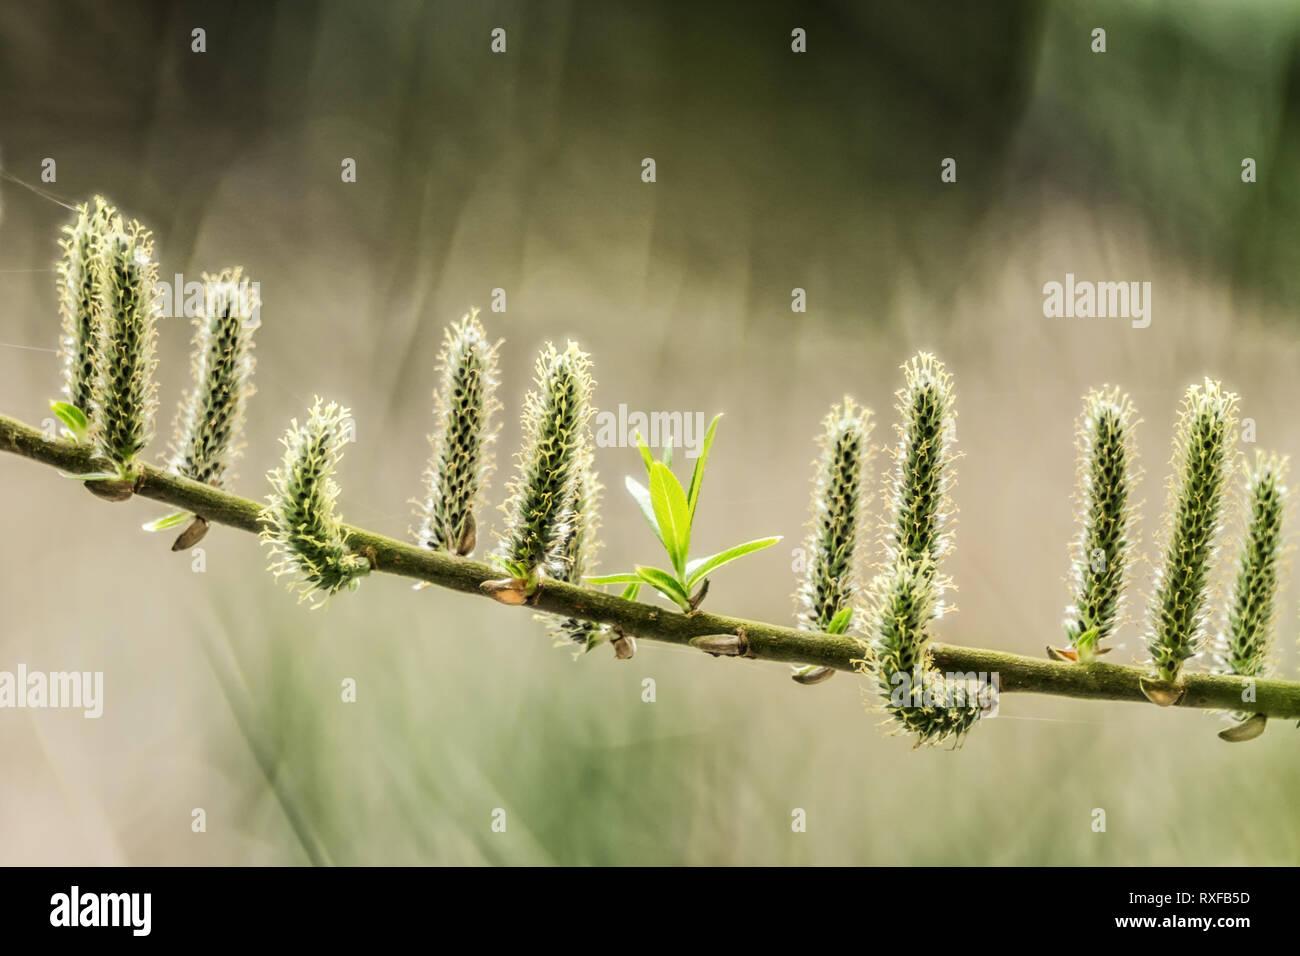 Palmkätzchen im Frühling - Stock Image